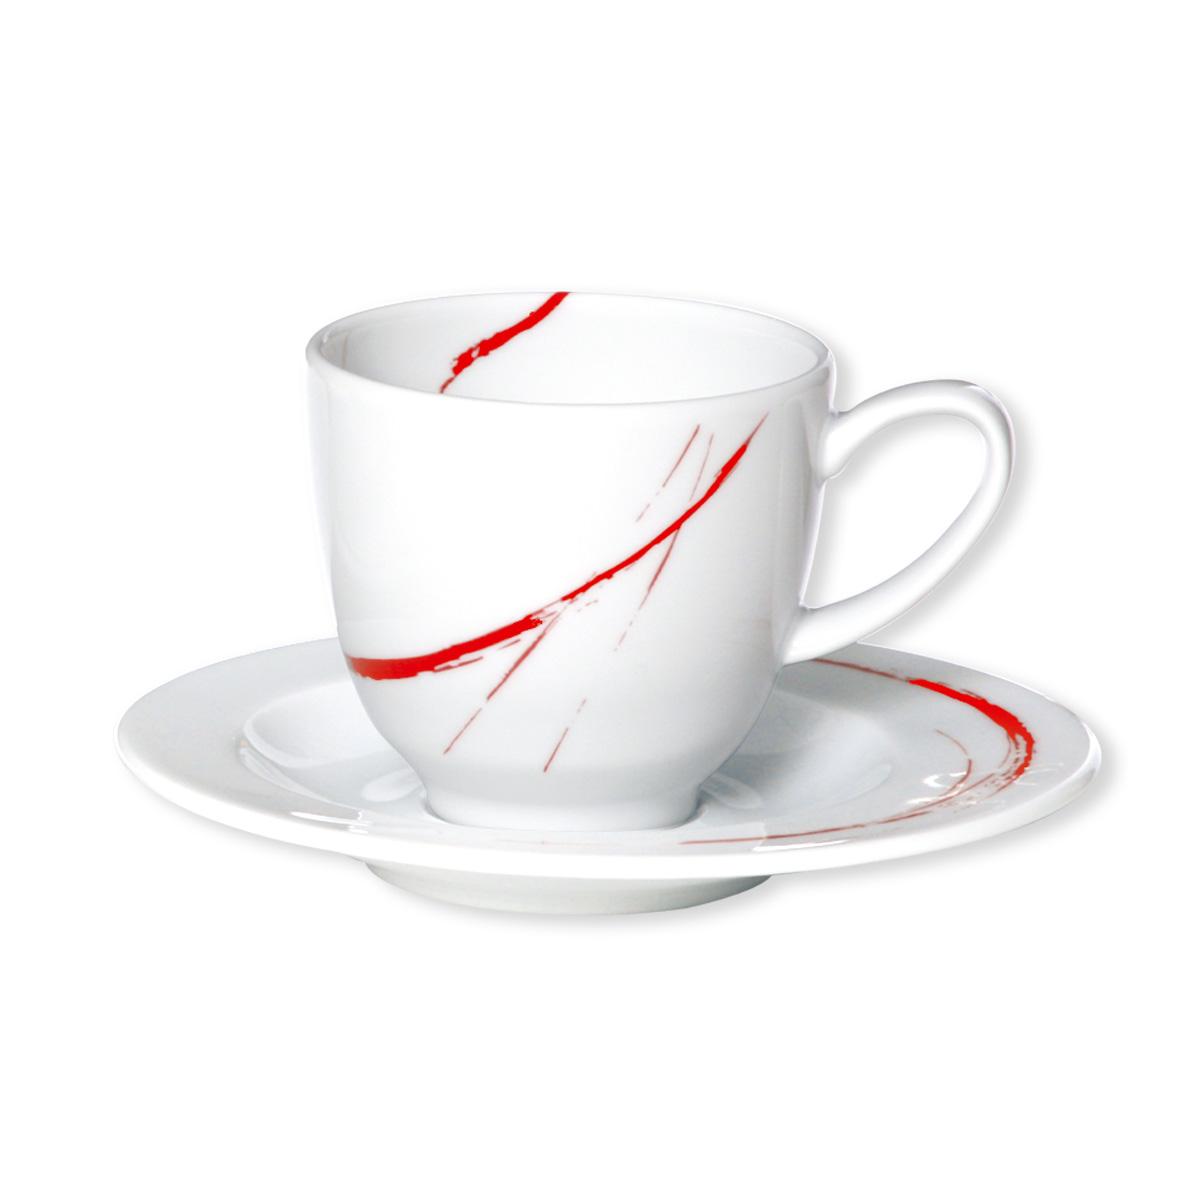 paire tasse expresso en porcelaine rouge 10cl bruno evrard. Black Bedroom Furniture Sets. Home Design Ideas